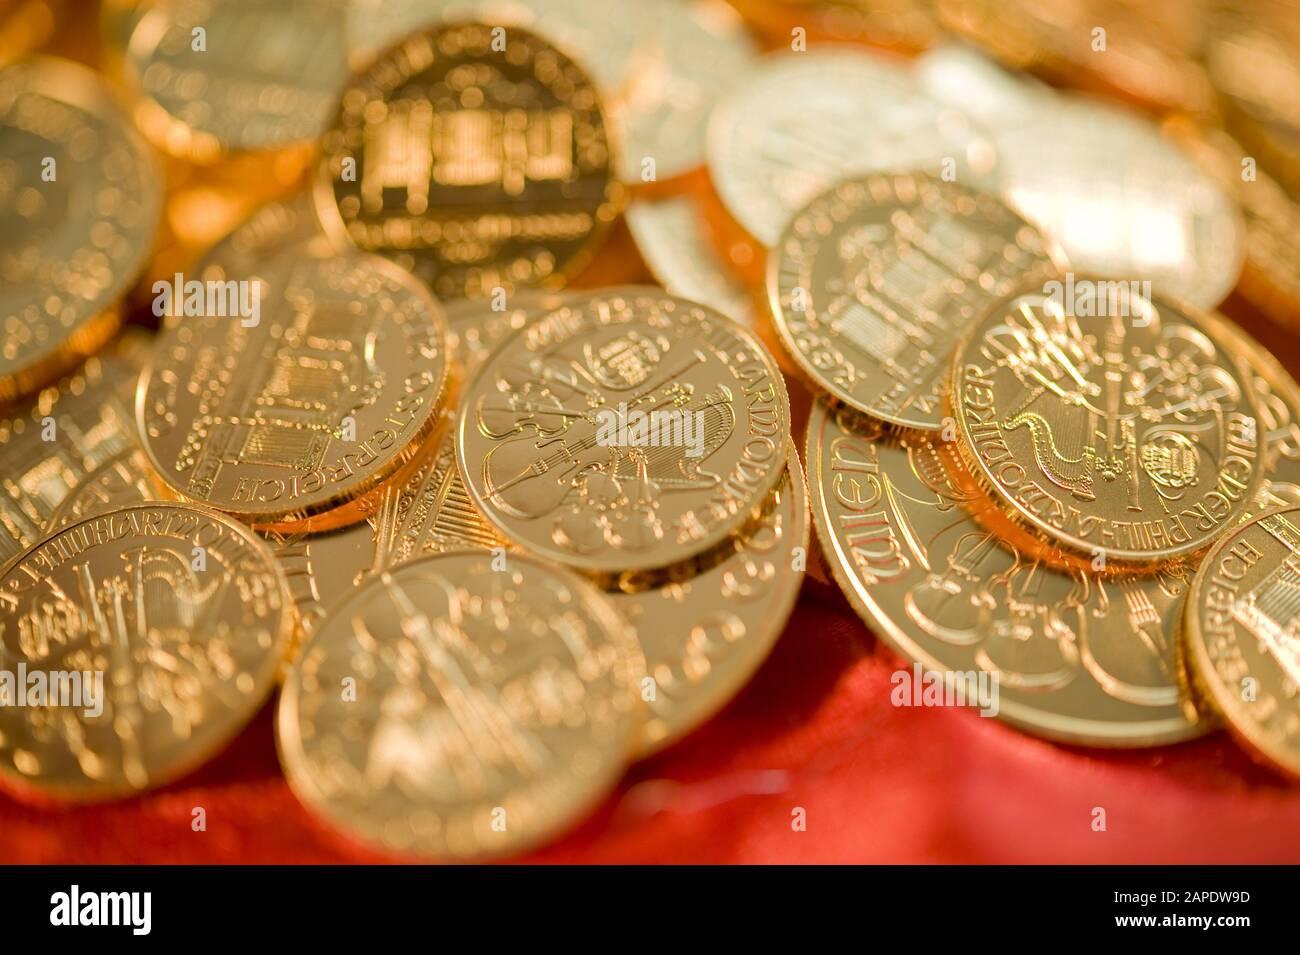 Goldmünzen (Wiener Philharmoniker) - Gold Coins (Wiener Philharmoniker) Stock Photo